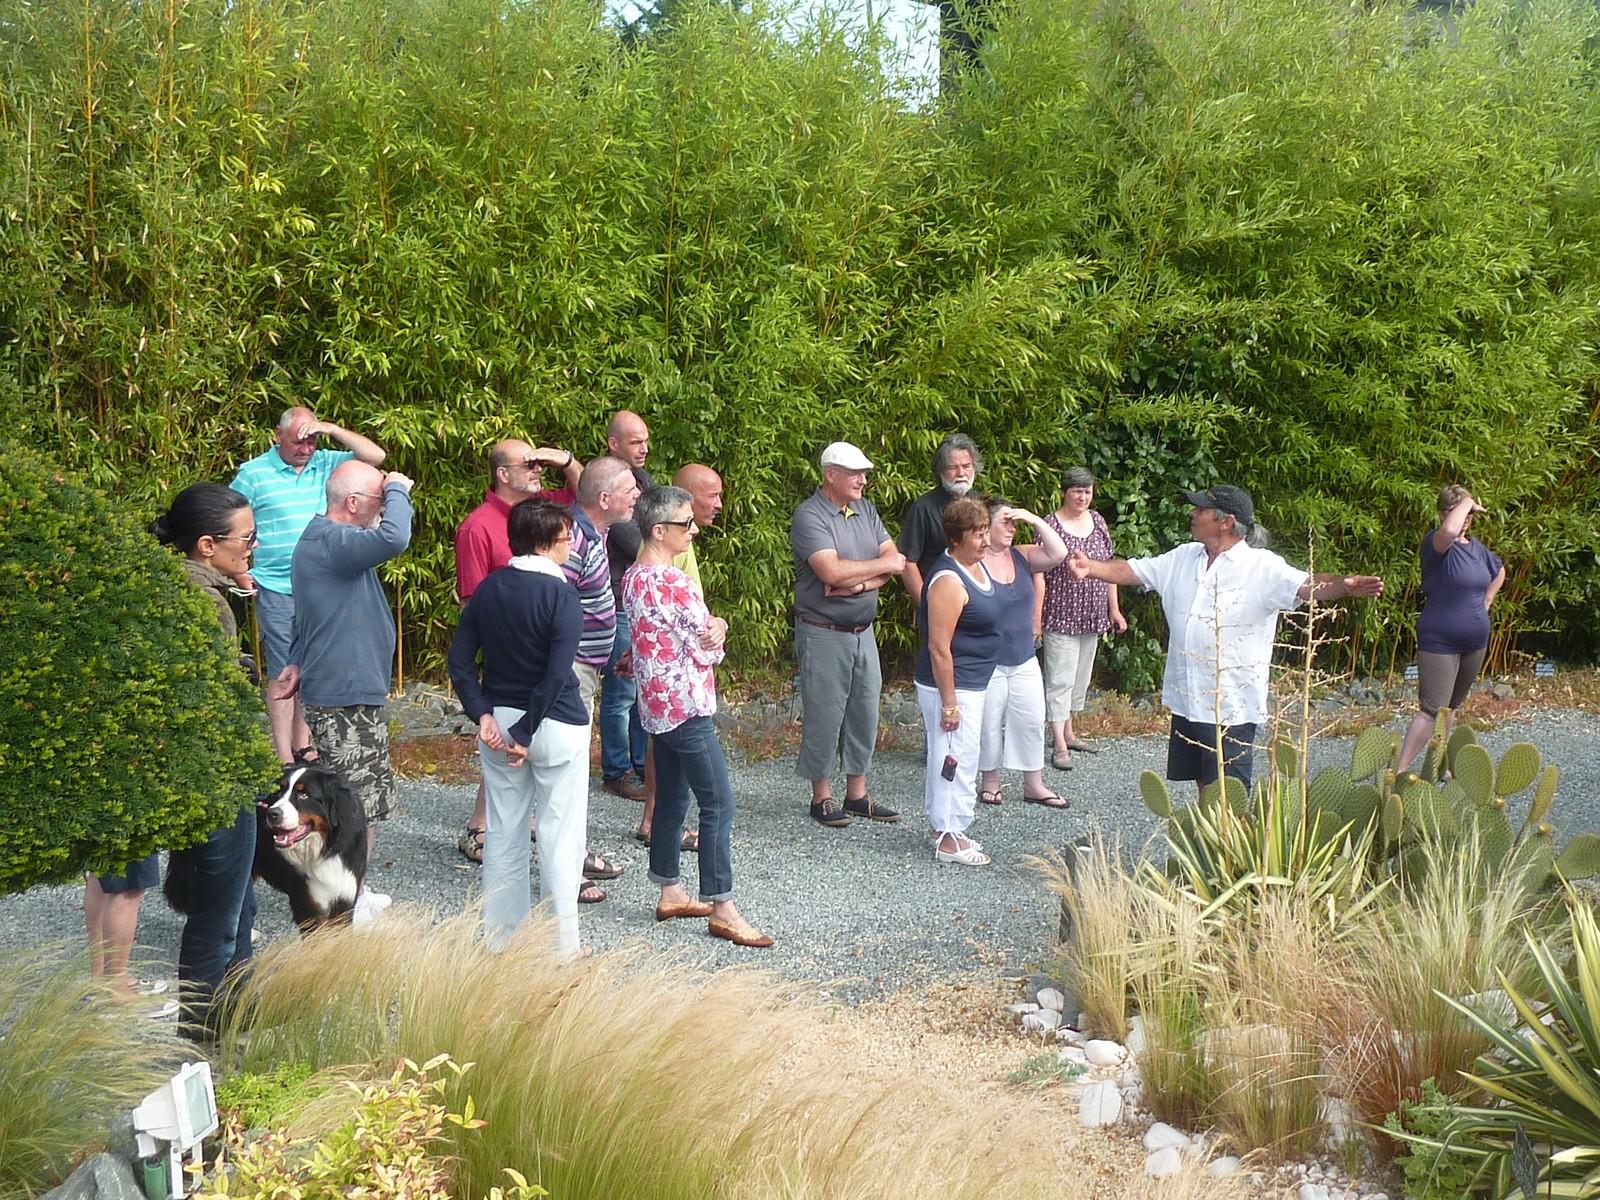 Bienvenue sur le site du club panhard et levassor france for Visite de jardins en france